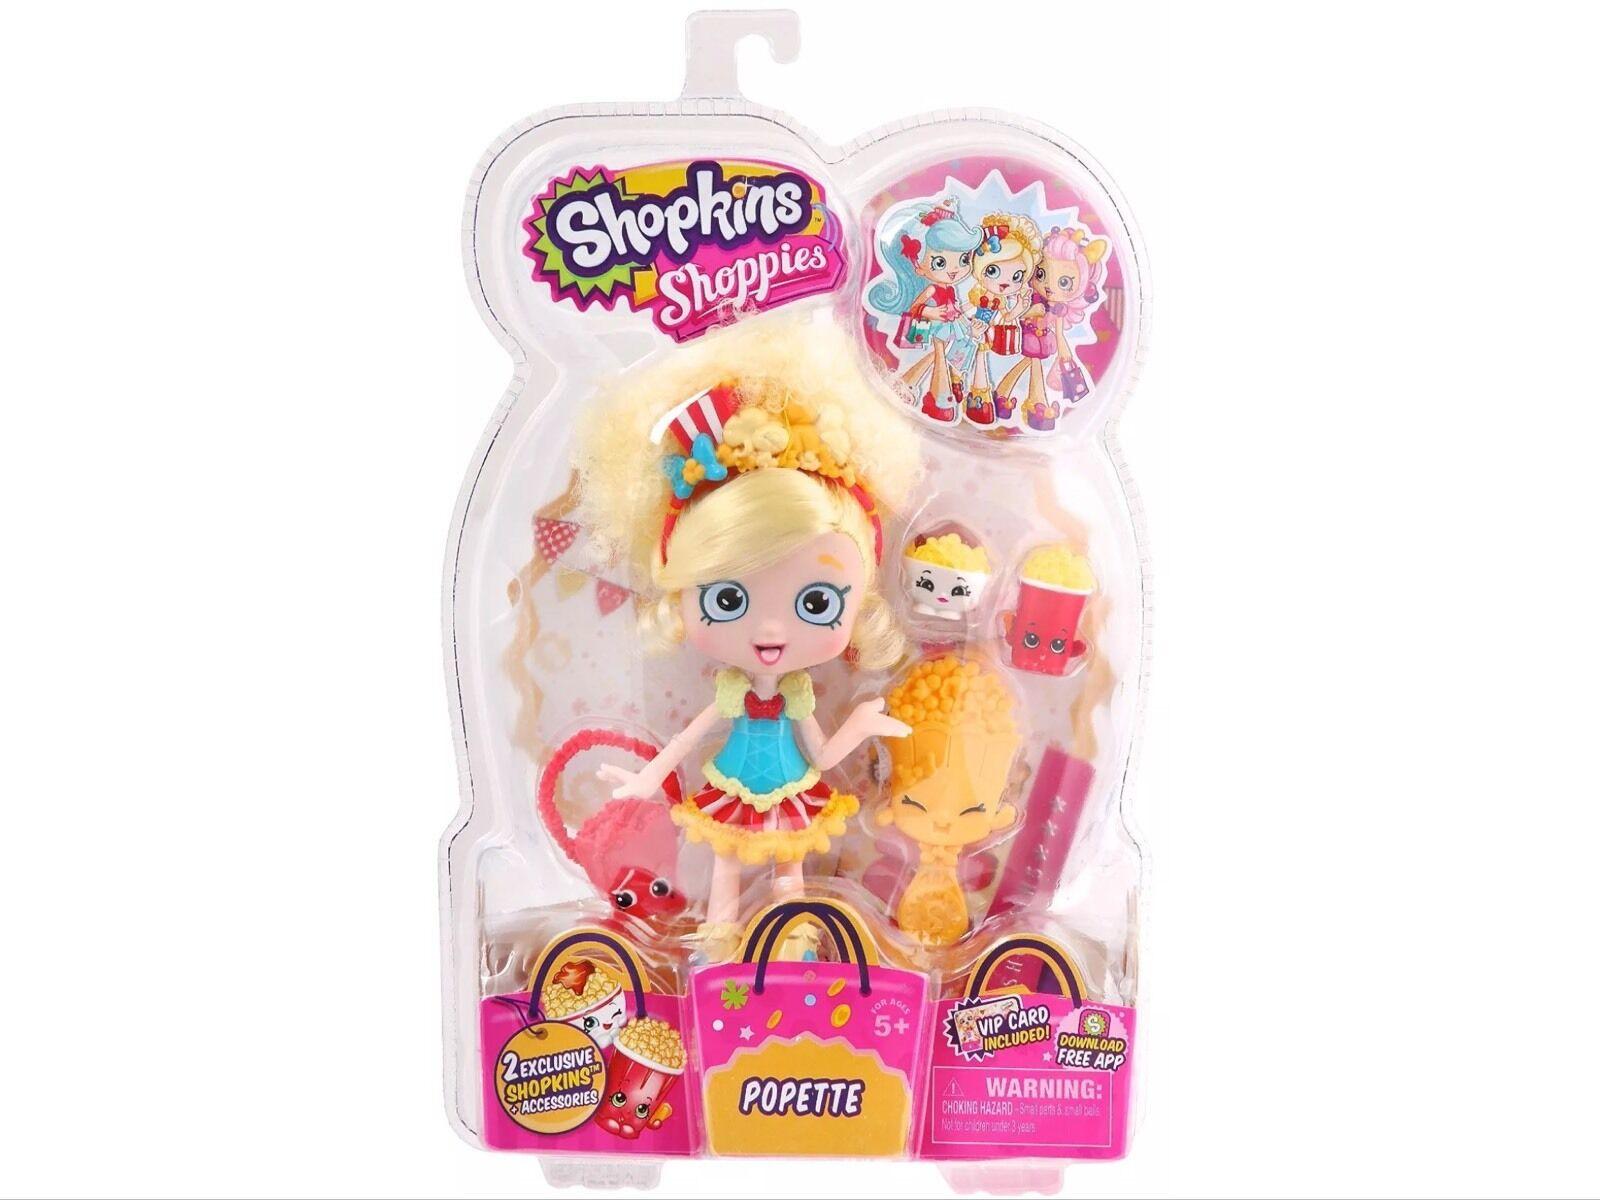 NEW Shopkins Shoppies Doll Popette Season 1